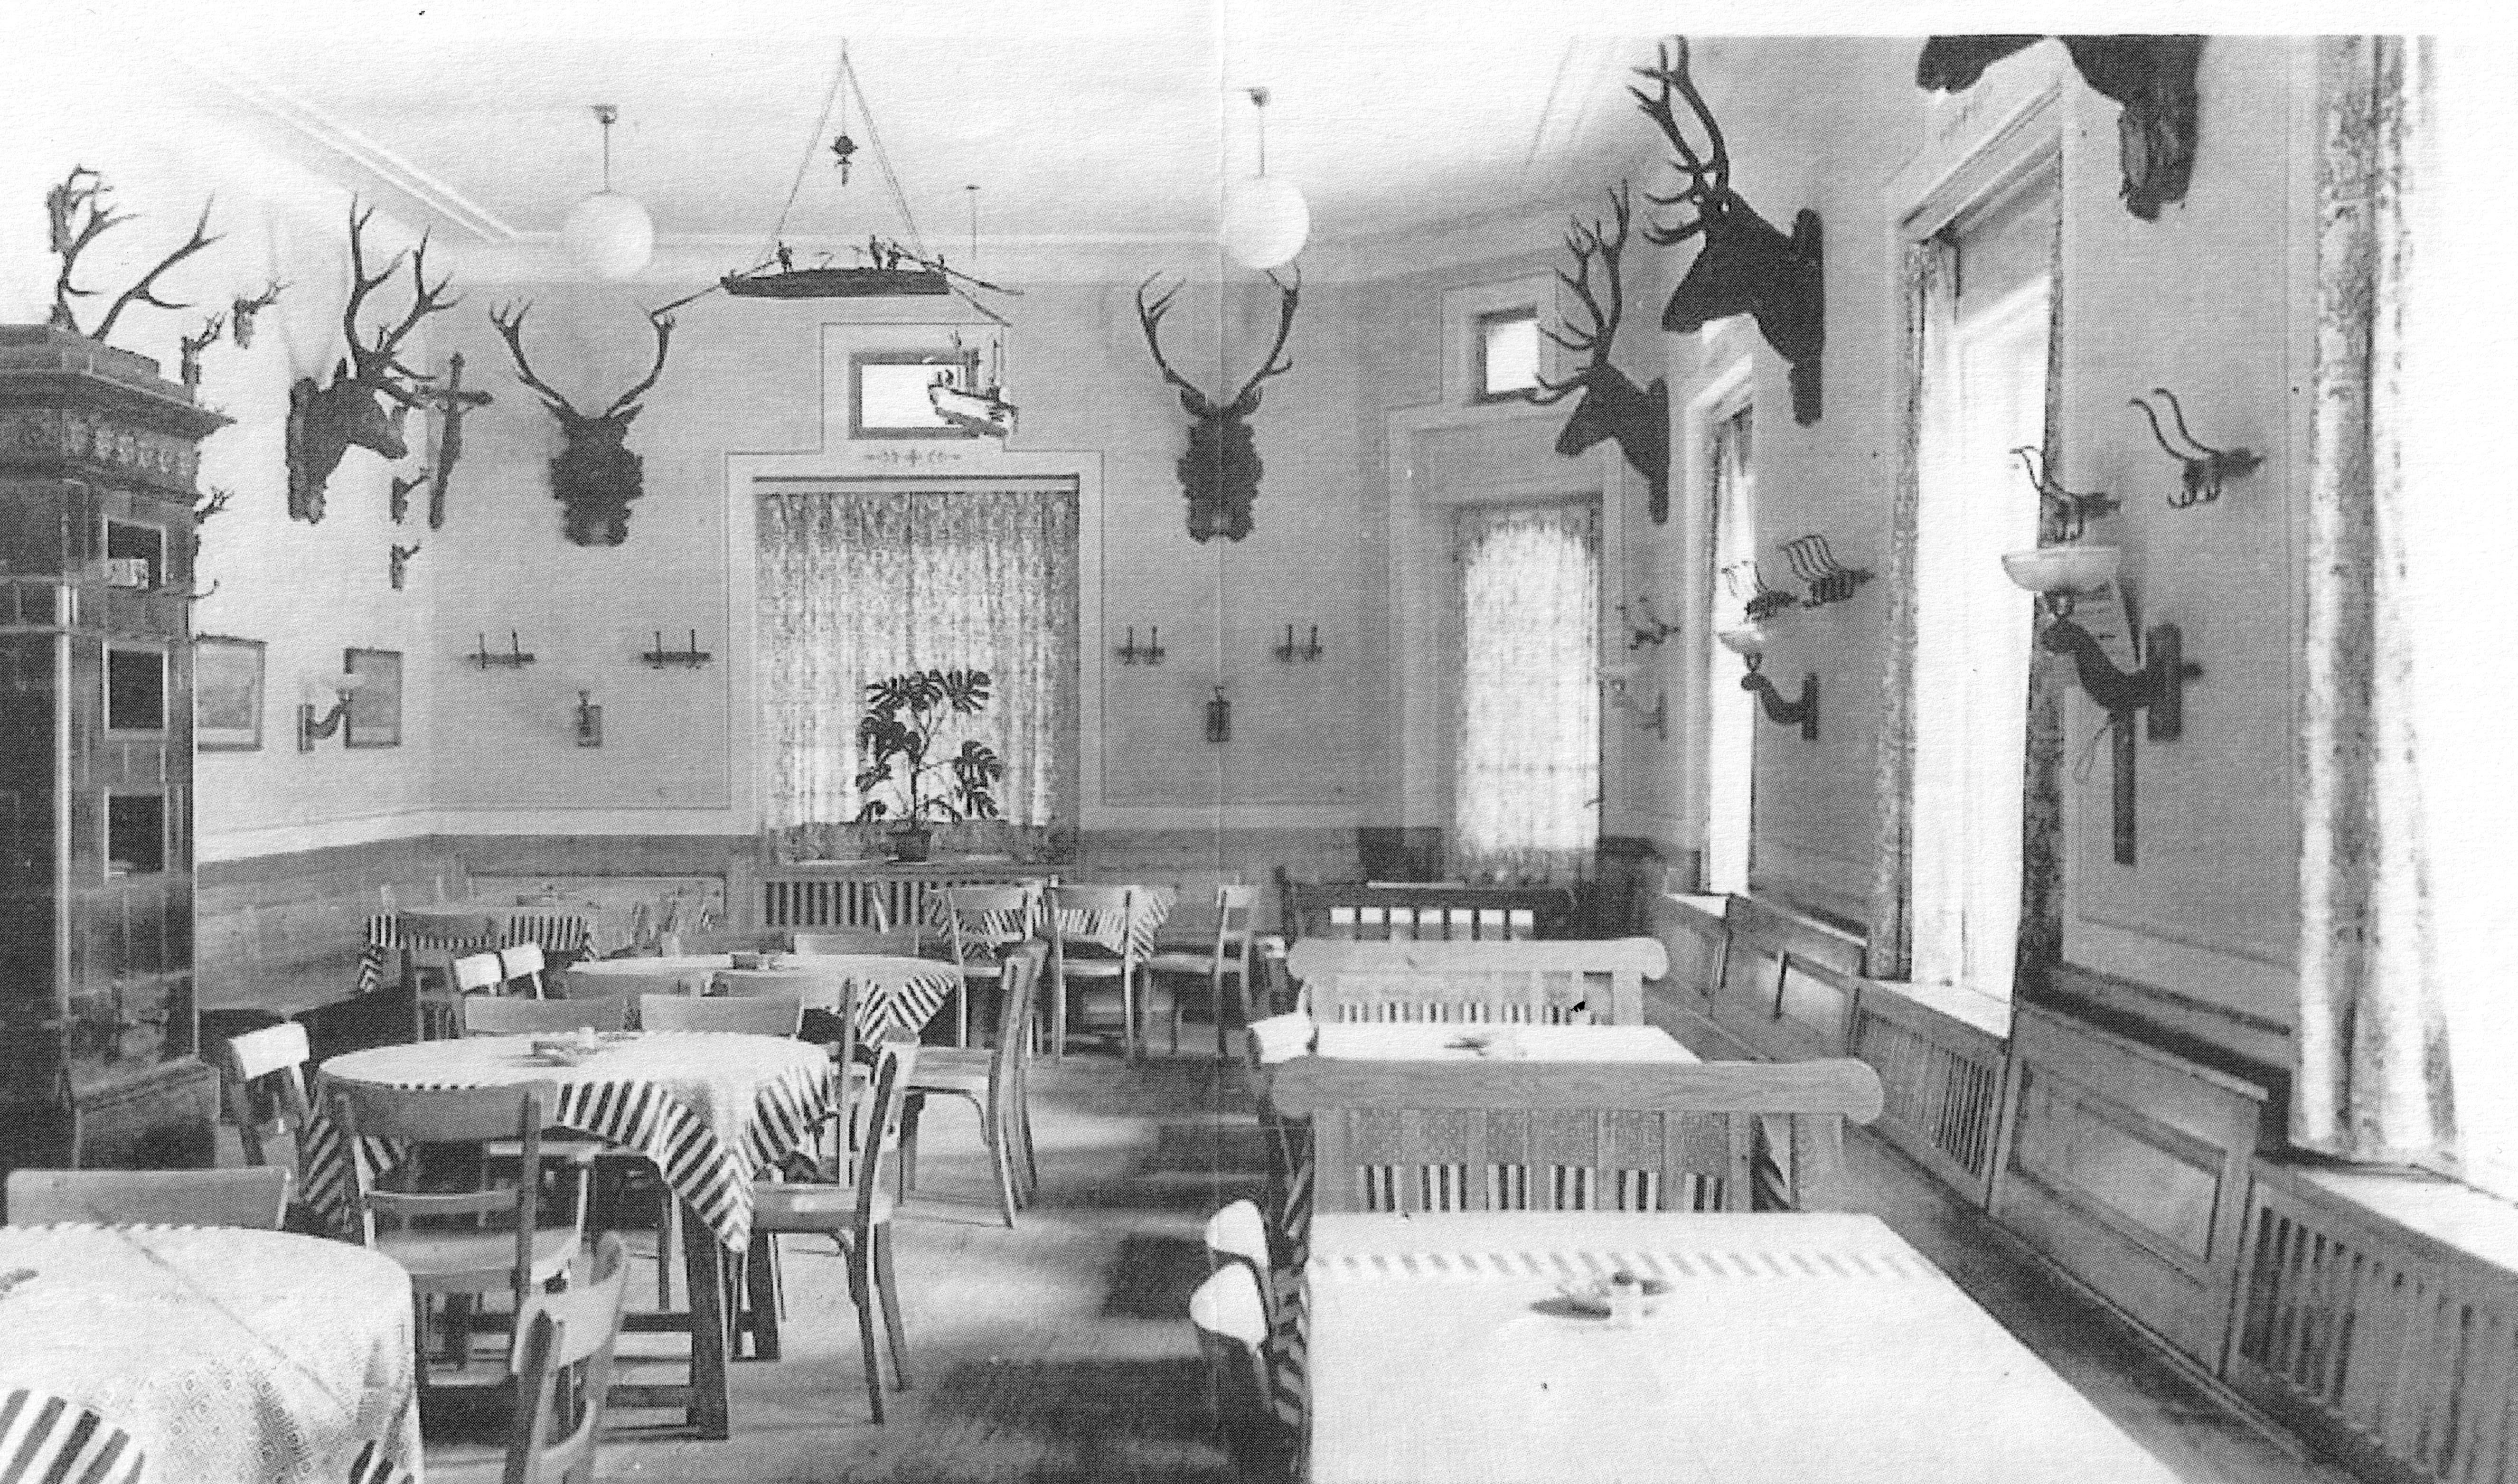 Seehotel Schwan Speisesaal um 1930